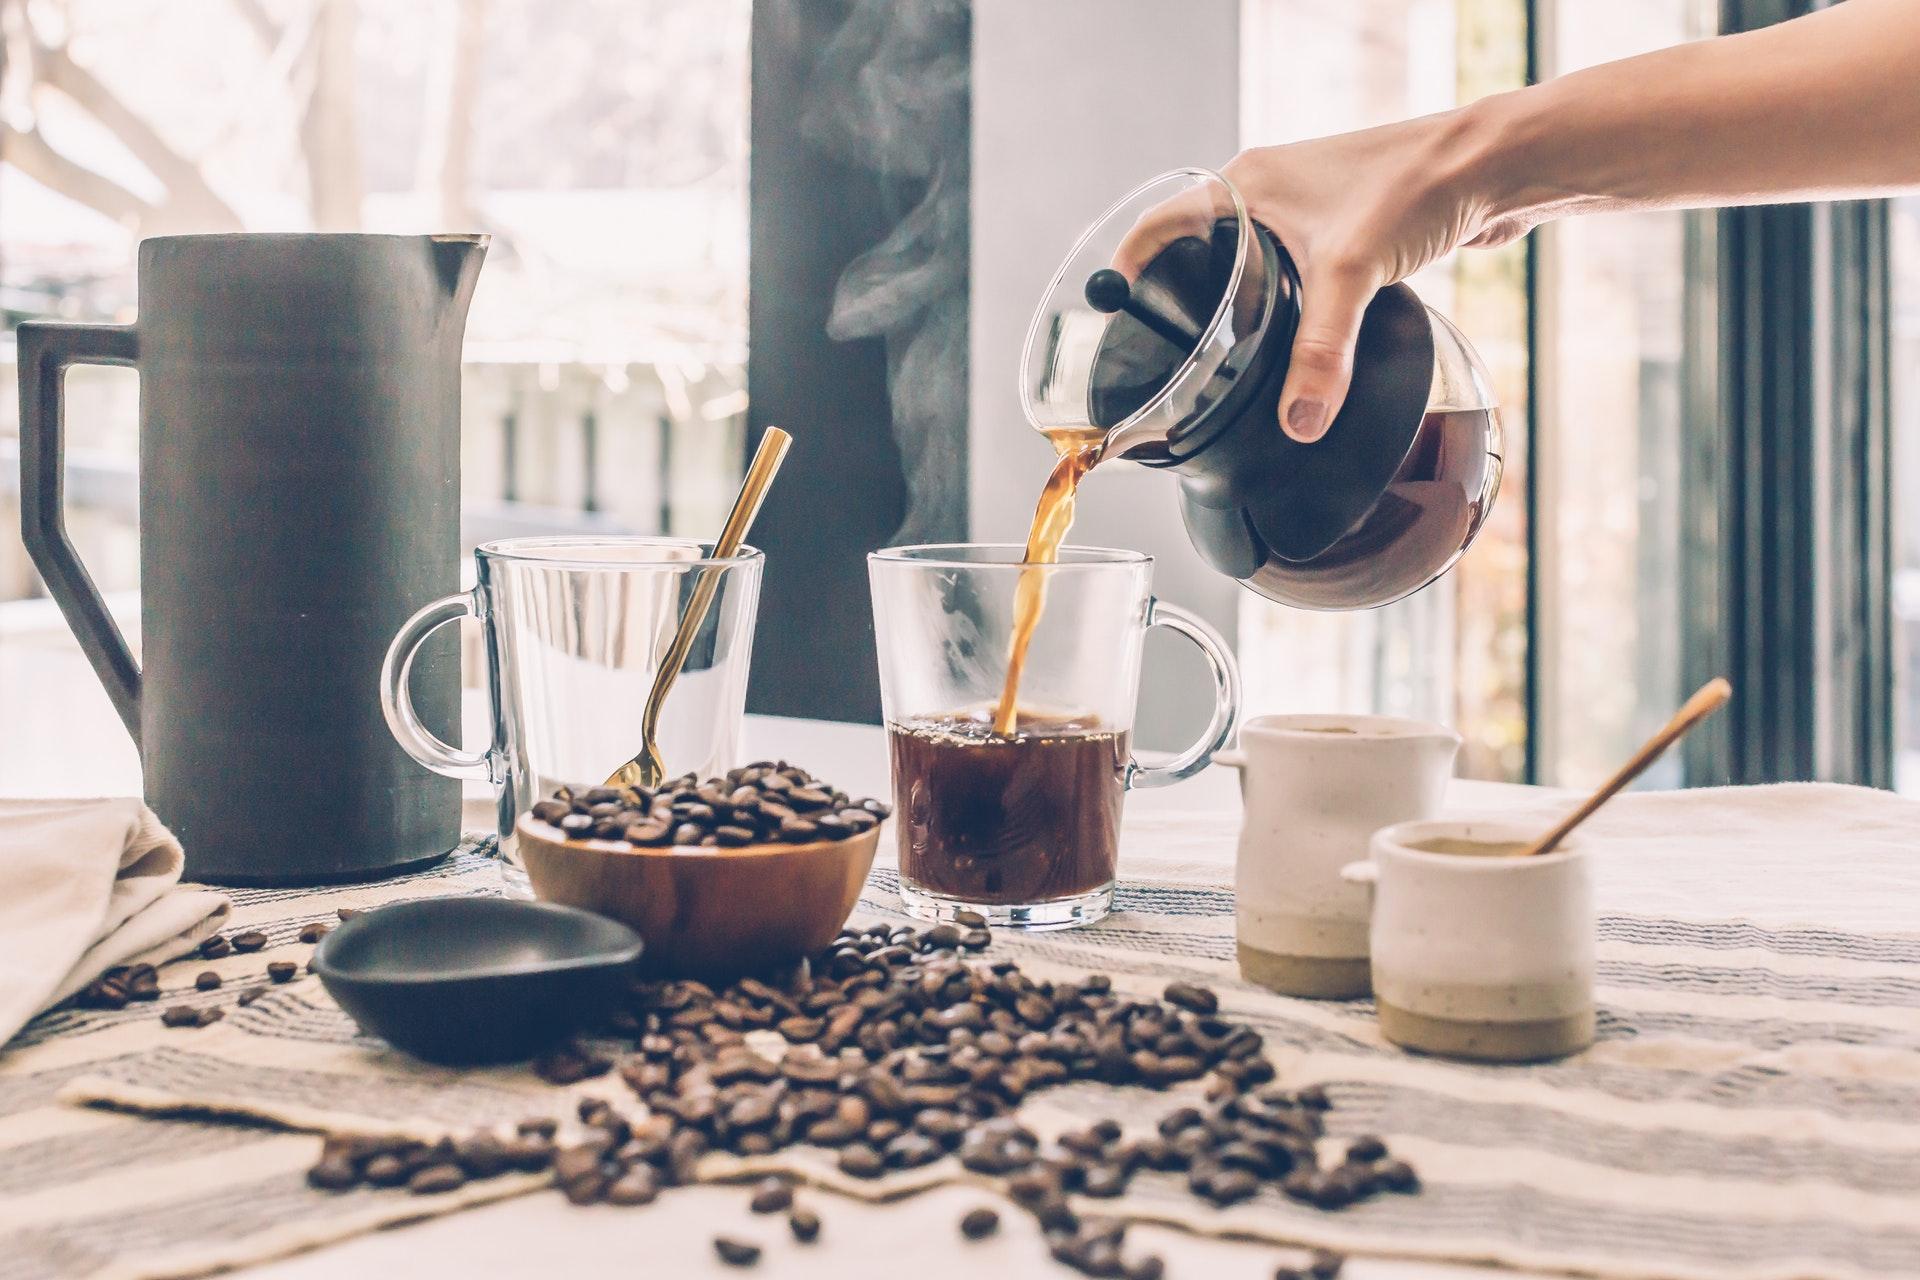 イタリア コーヒーの種類 トリノで味わう本格イタリアンコーヒー